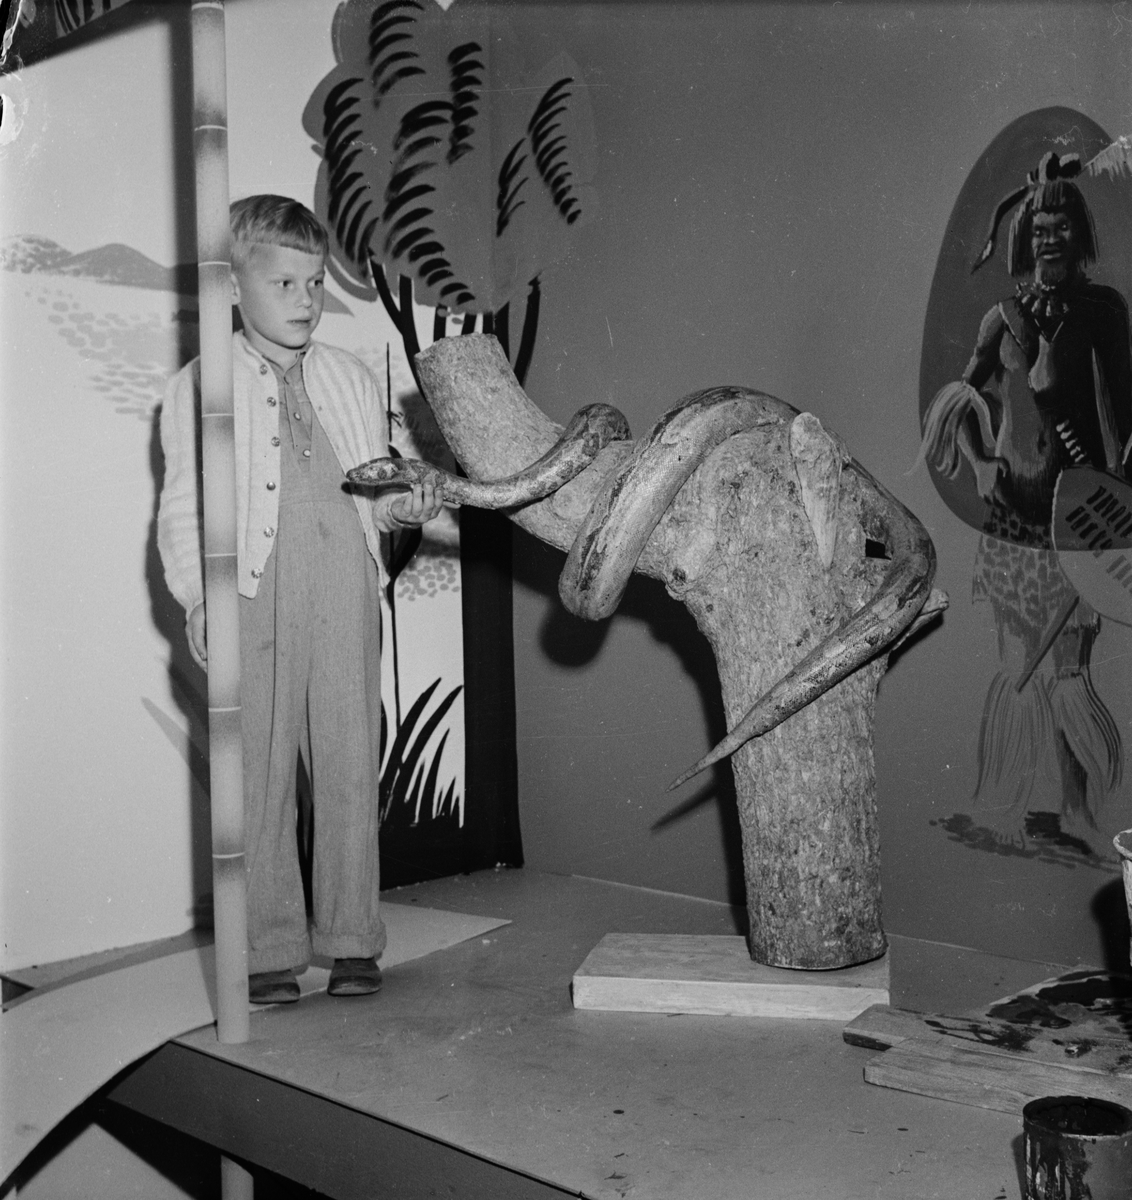 Svenska kyrkans missionsstyrelse - utställning, Uppsala 1949